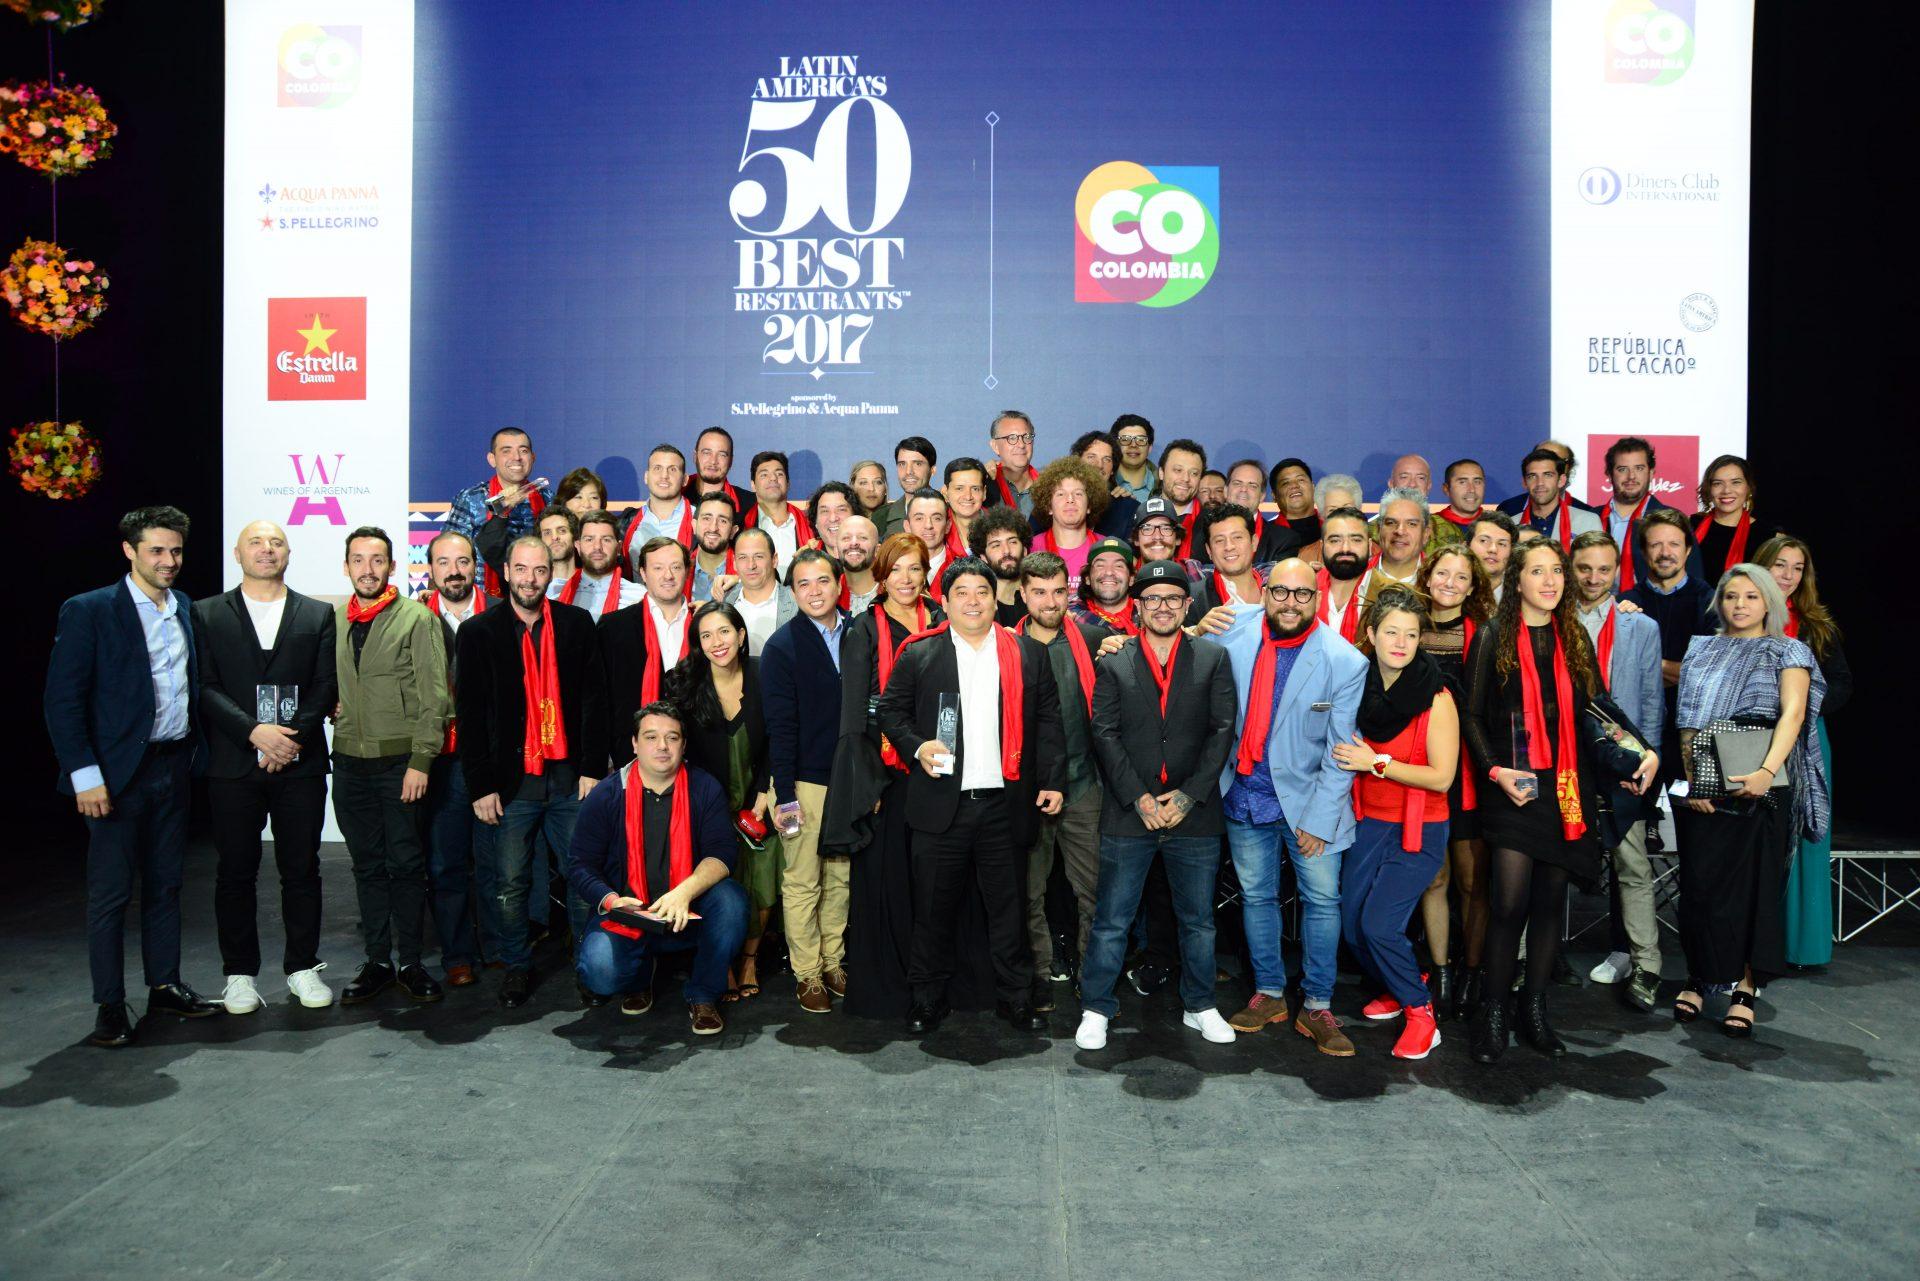 Lista completa de los Latin America's 50 Best Restaurants 2017